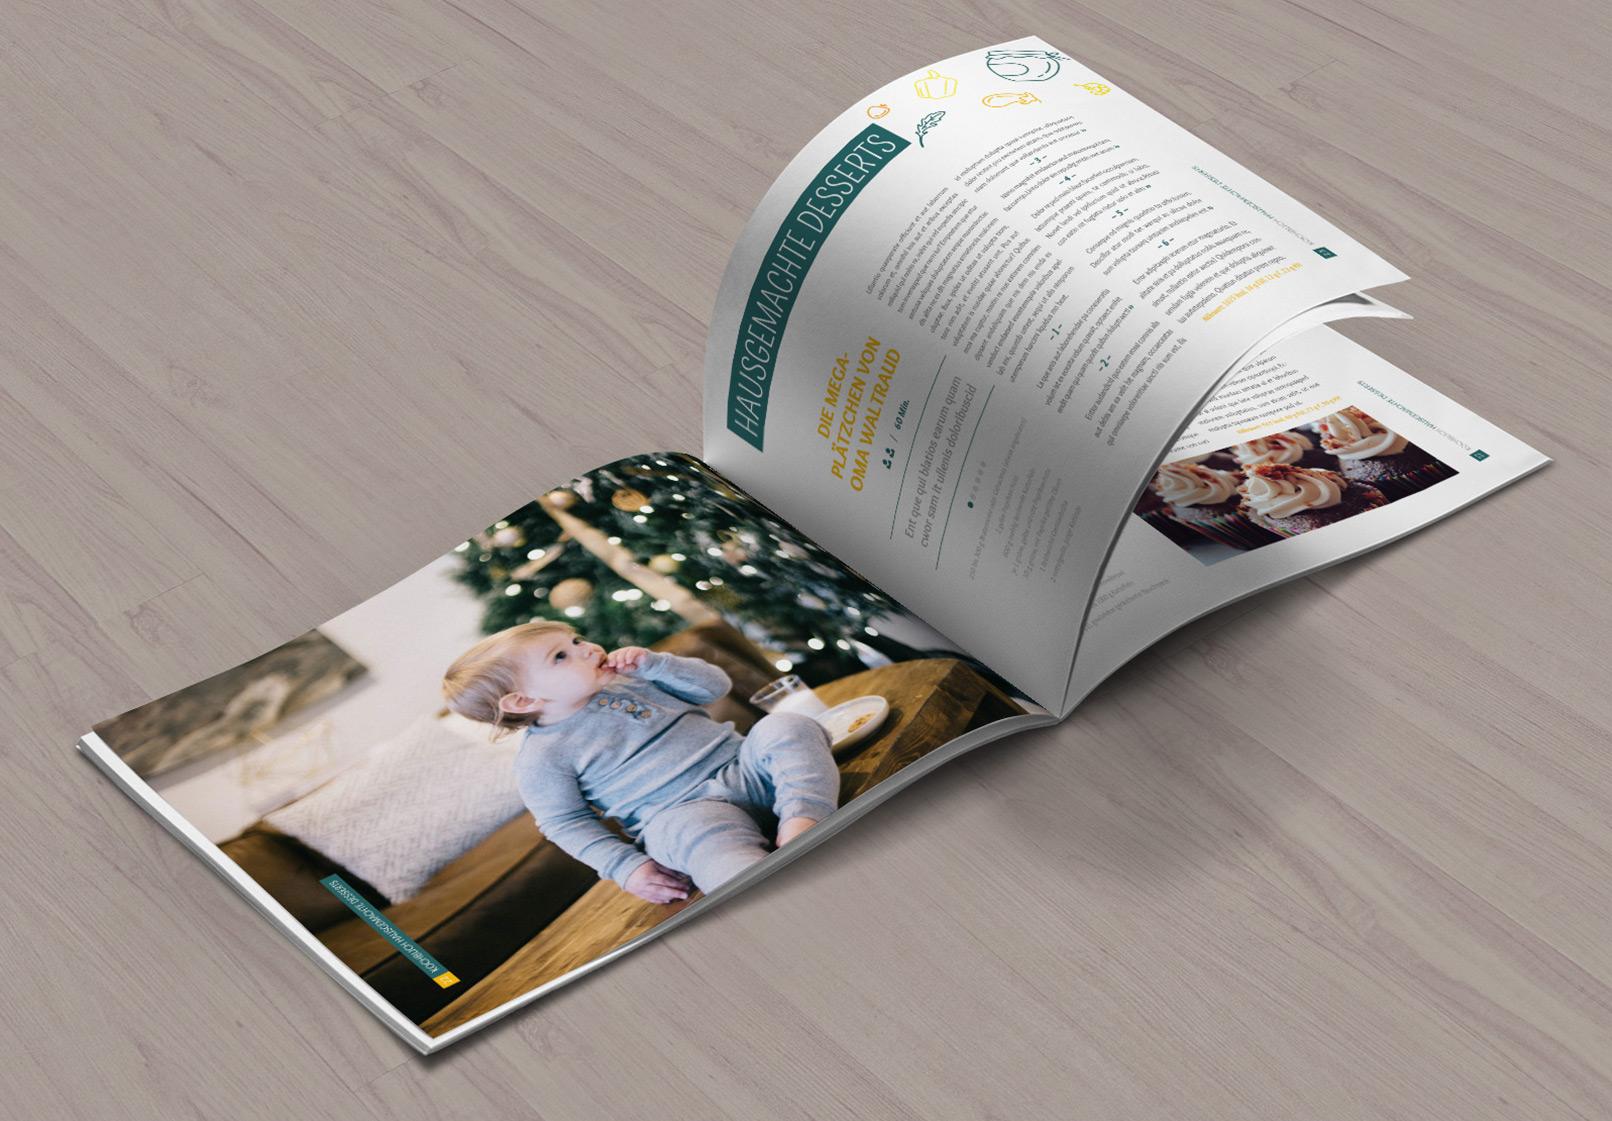 Rezept- und Kochbuch: Design-Vorlagen & Layouts für InDesign & Co